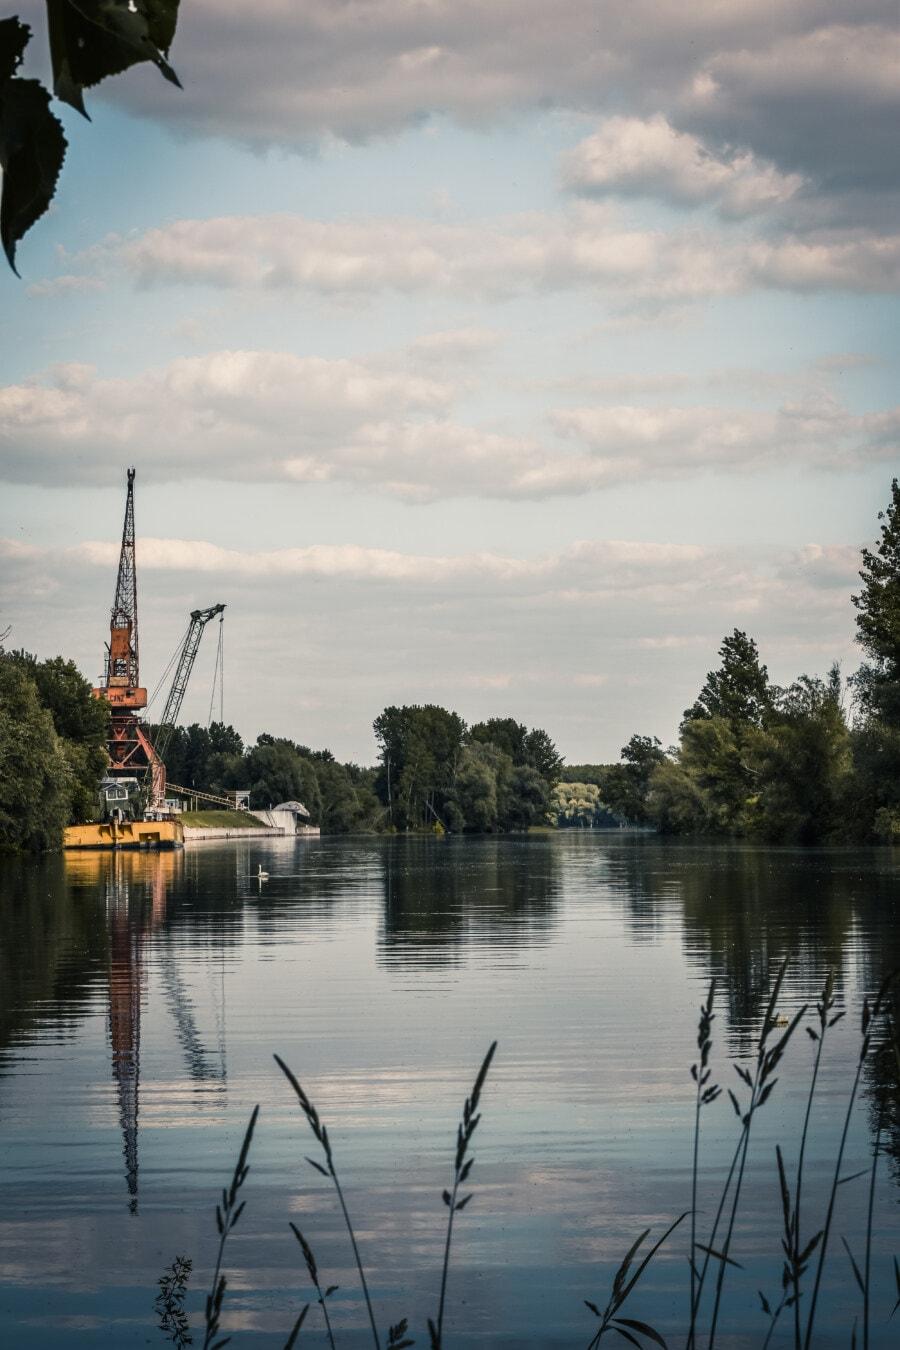 Hafen, Dock, am See, Wasser, See, Reflexion, Fluss, Dämmerung, Natur, Sommer